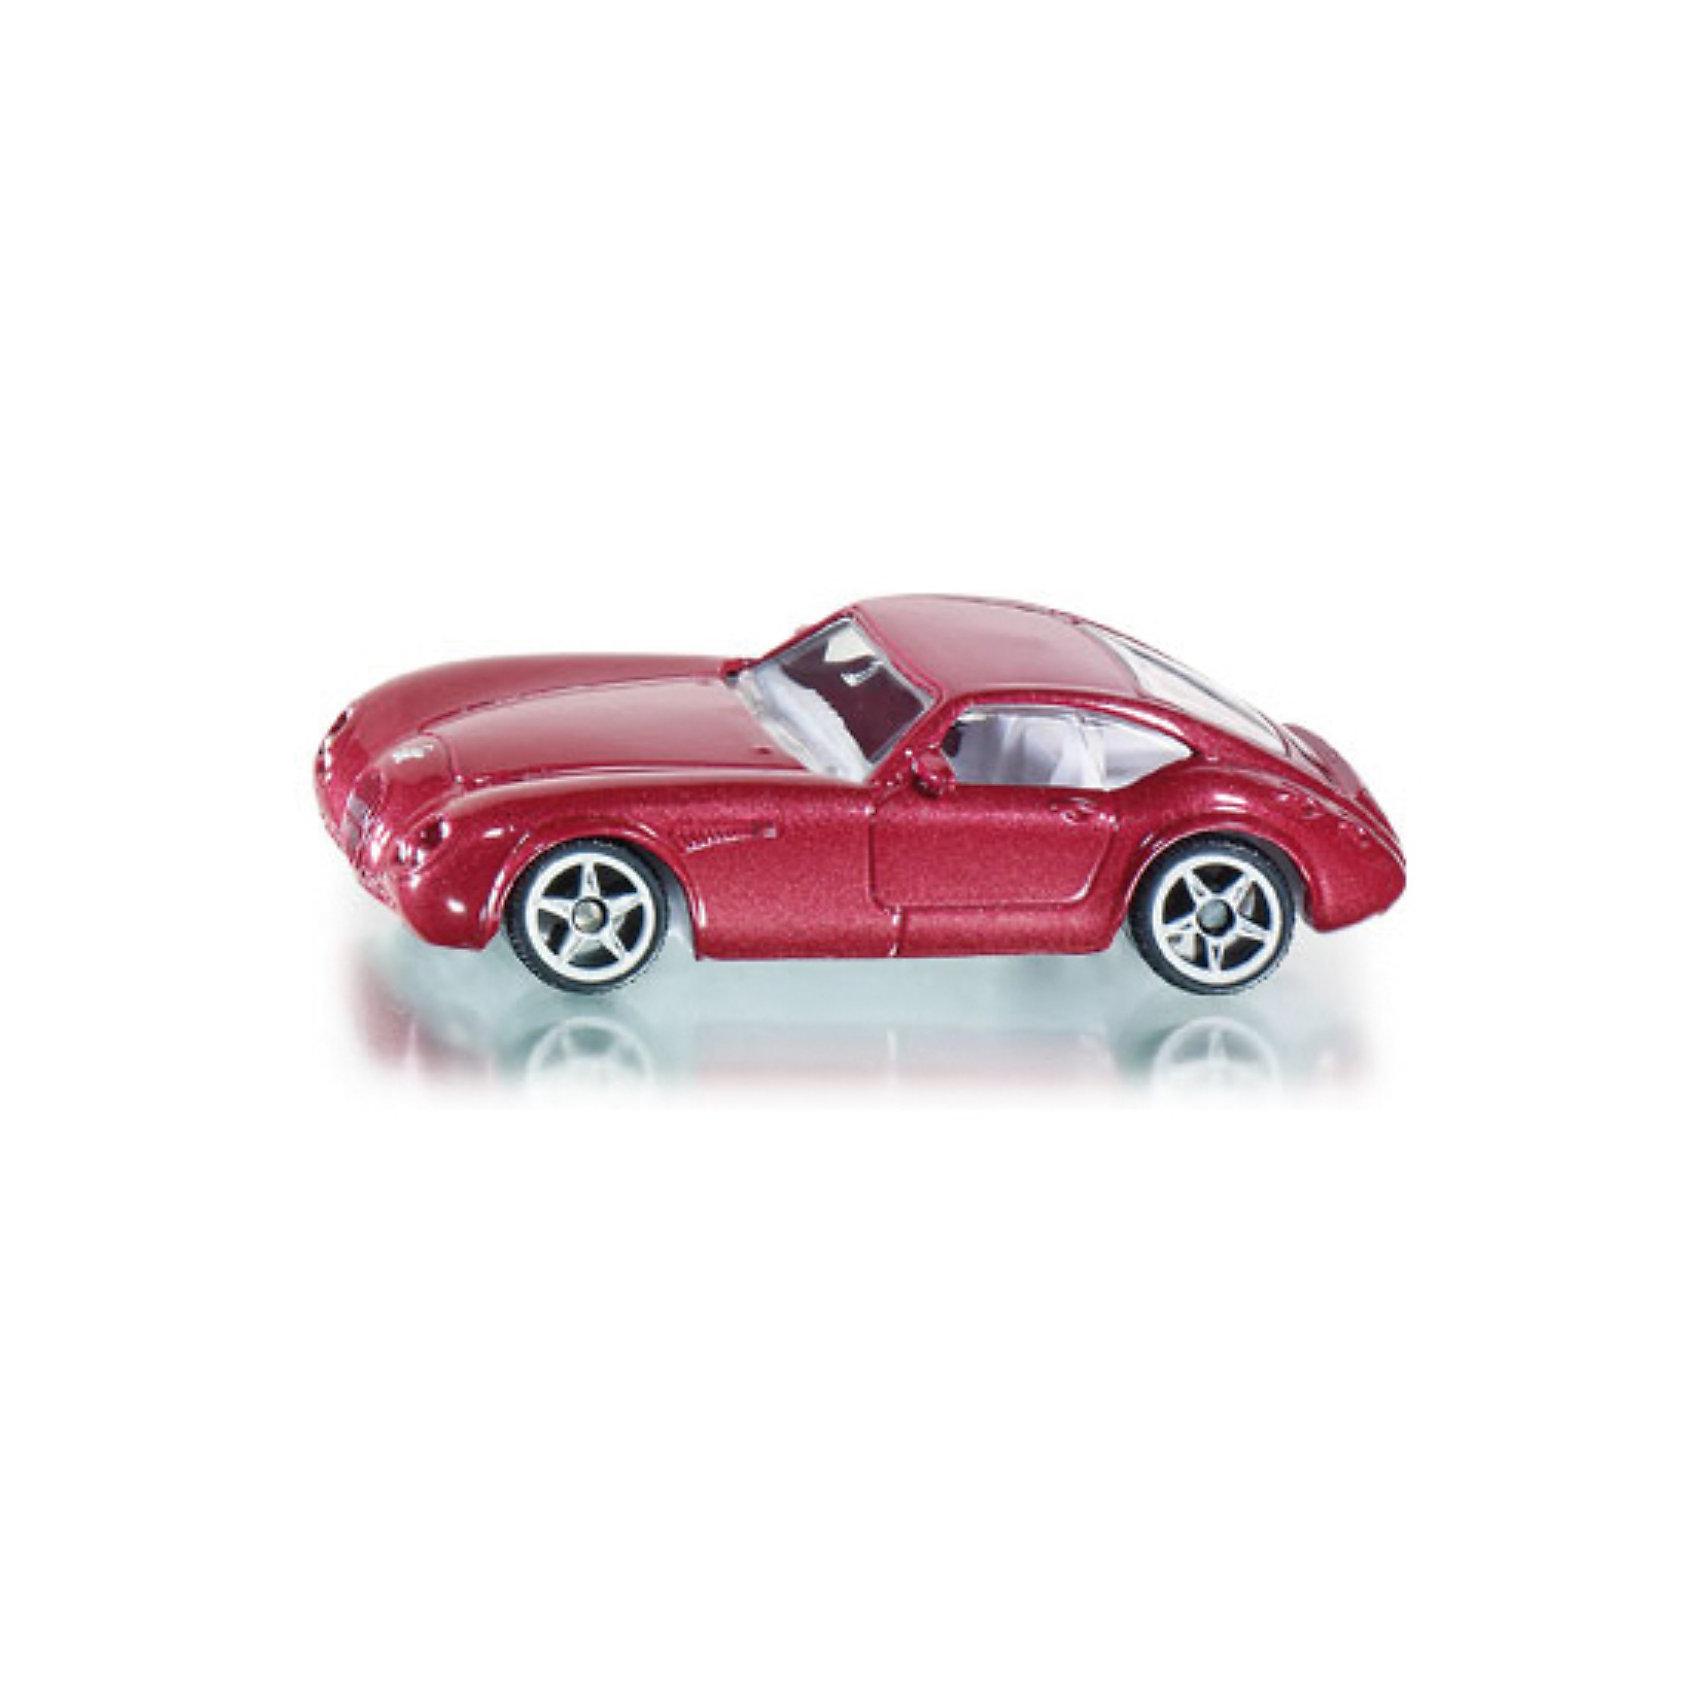 SIKU 0879 Wiesmann GTМашинки<br>Игрушечная модель от SIKU (СИКУ) 0879 Wiesmann GT. <br><br>Корпус автомобиля выполнен из металла, лобовое, заднее и боковые стёкла из прозрачной пластмассы, колёса выполнены из пластика и вращаются, можно катать. <br><br>Дополнительная информация:<br>-Материал: металл с элементами пластмассы<br>-Размер игрушки: 7,7 x 3,3 x 2,1 см<br><br>Игрушечная модель автомобиля обязательно понравится вашему ребенку и дополнит его коллекцию. Игра с моделями транспортных средств от SIKU (СИКУ) развивает воображение, мышление, память, мелкую моторику рук и координацию движений детей.<br><br>SIKU (СИКУ) 0879 Wiesmann GT можно купить в нашем магазине.<br><br>Ширина мм: 94<br>Глубина мм: 75<br>Высота мм: 36<br>Вес г: 54<br>Возраст от месяцев: 36<br>Возраст до месяцев: 96<br>Пол: Мужской<br>Возраст: Детский<br>SKU: 1636684